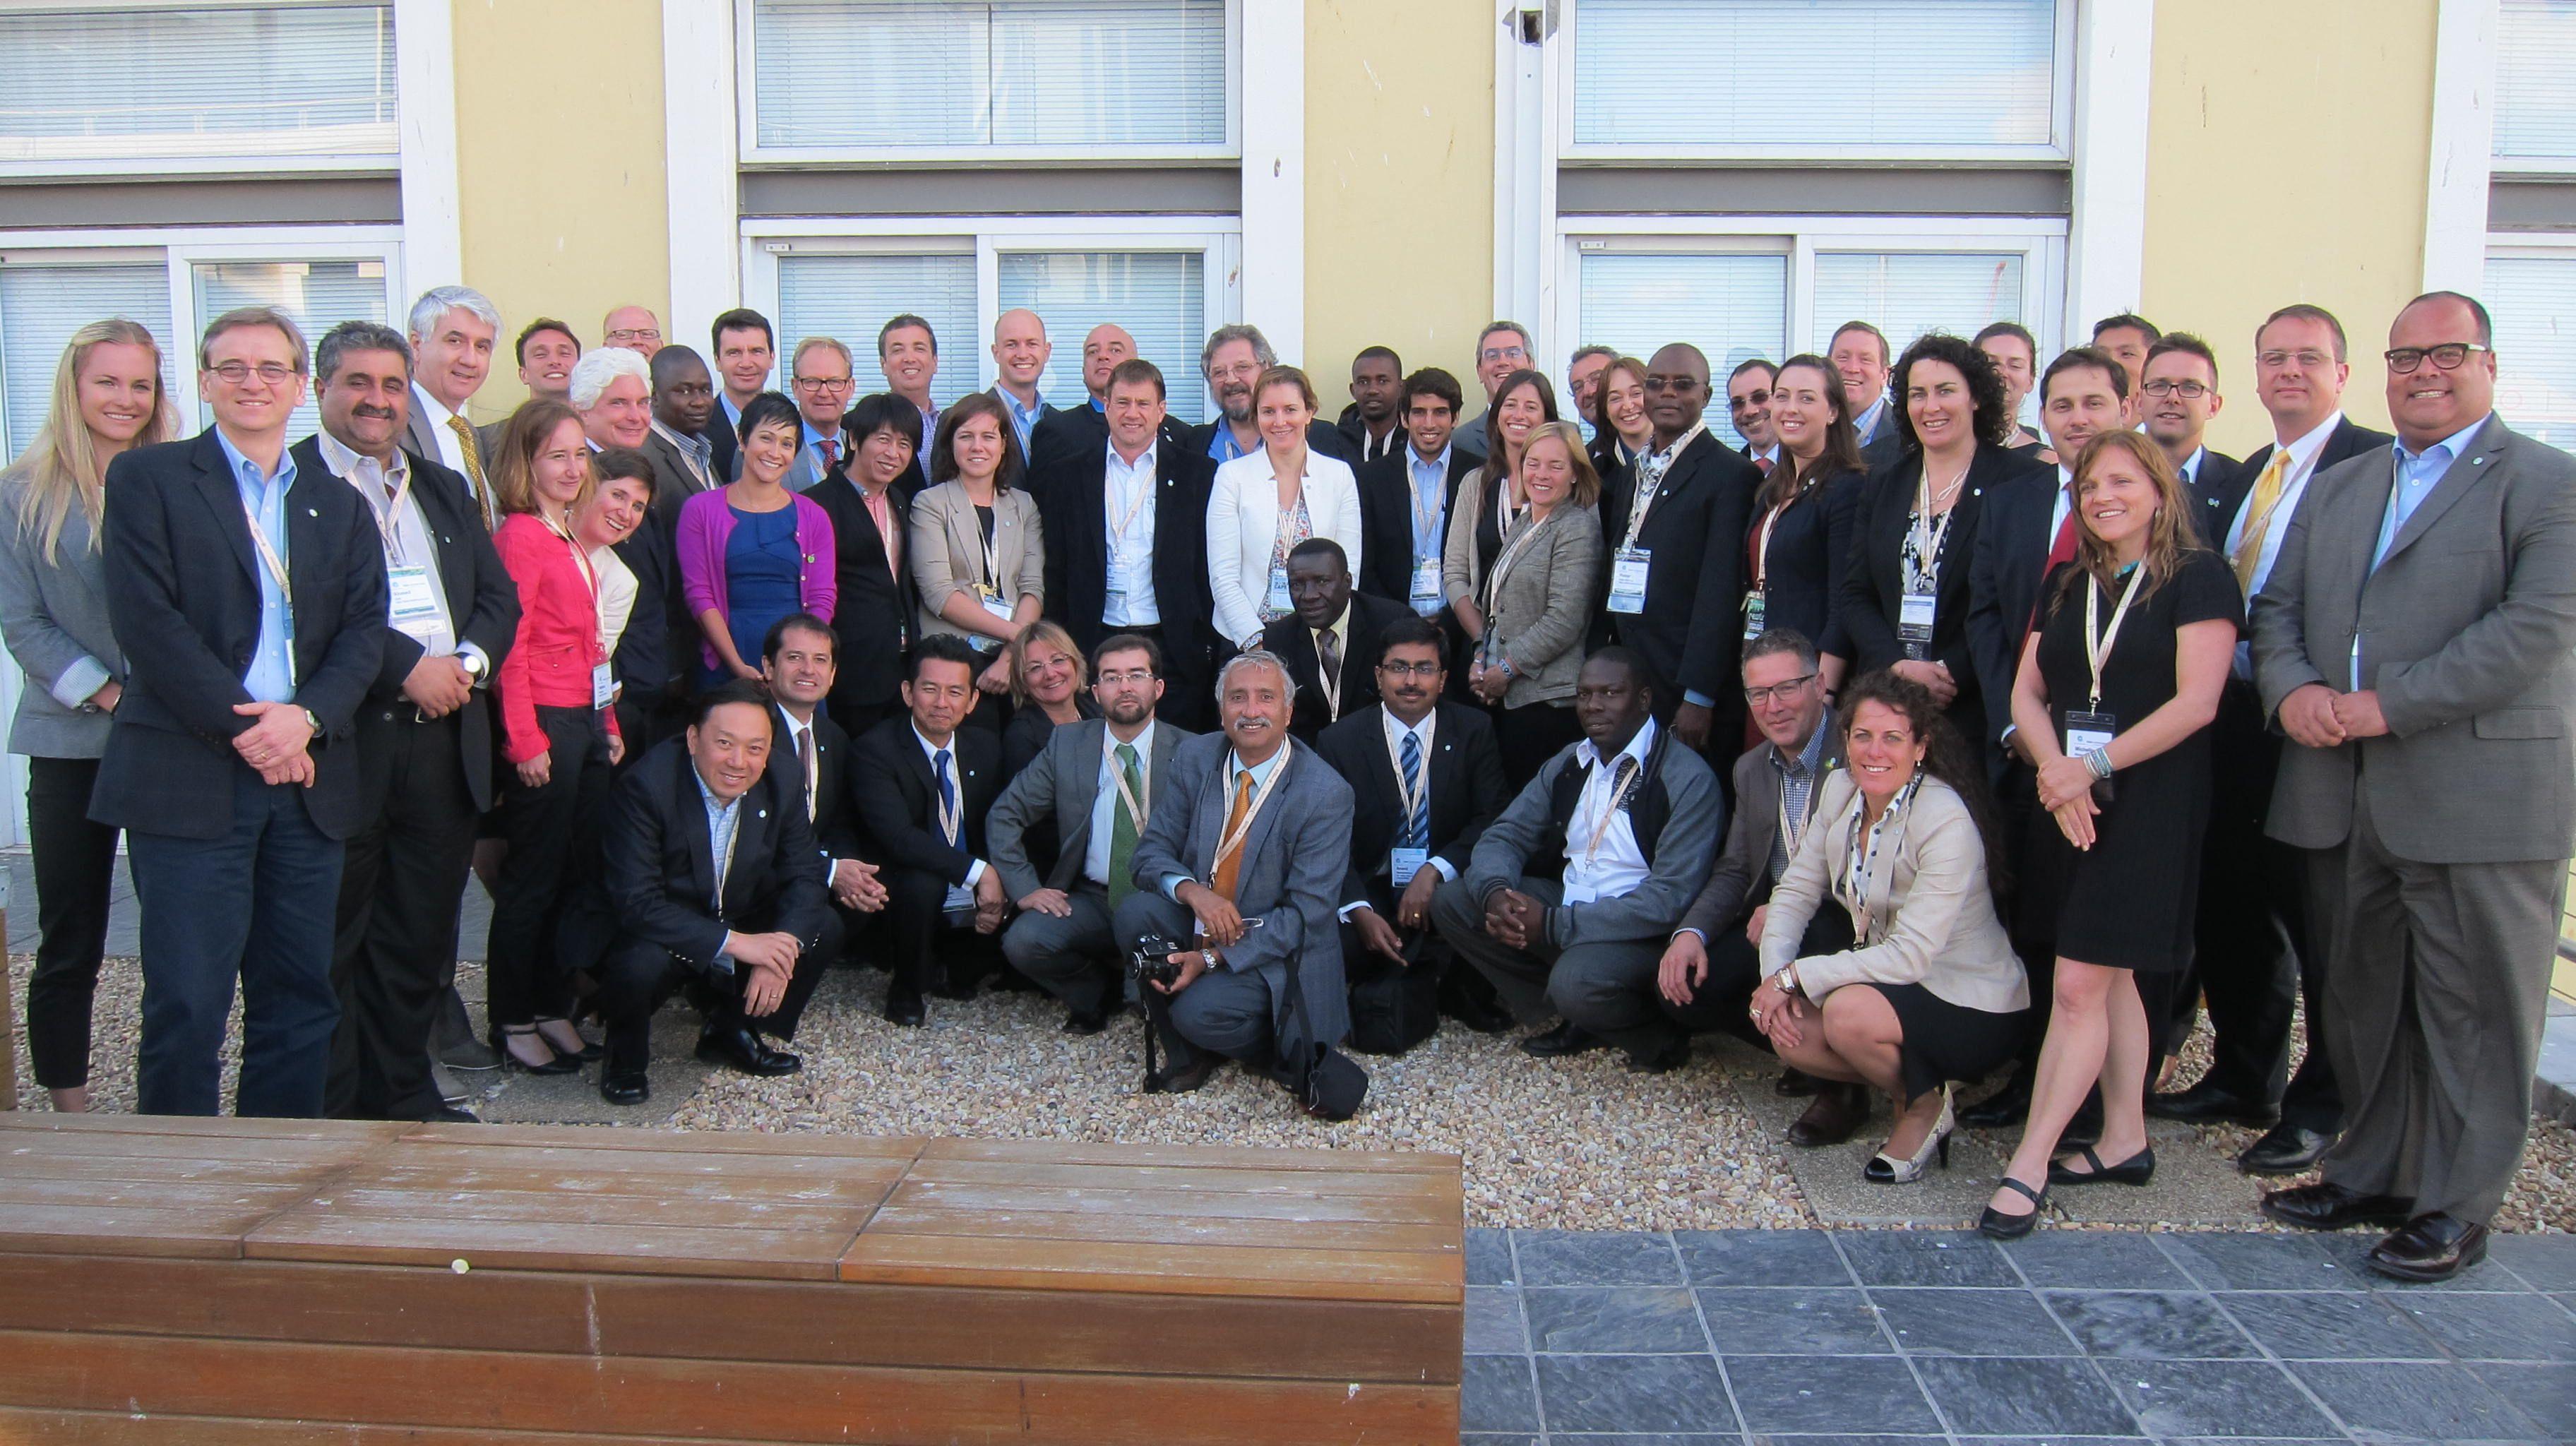 Javier Vidal Olcese, Presidente del Directorio junto a 50 países Miembros del World GBC en Sudáfrica.